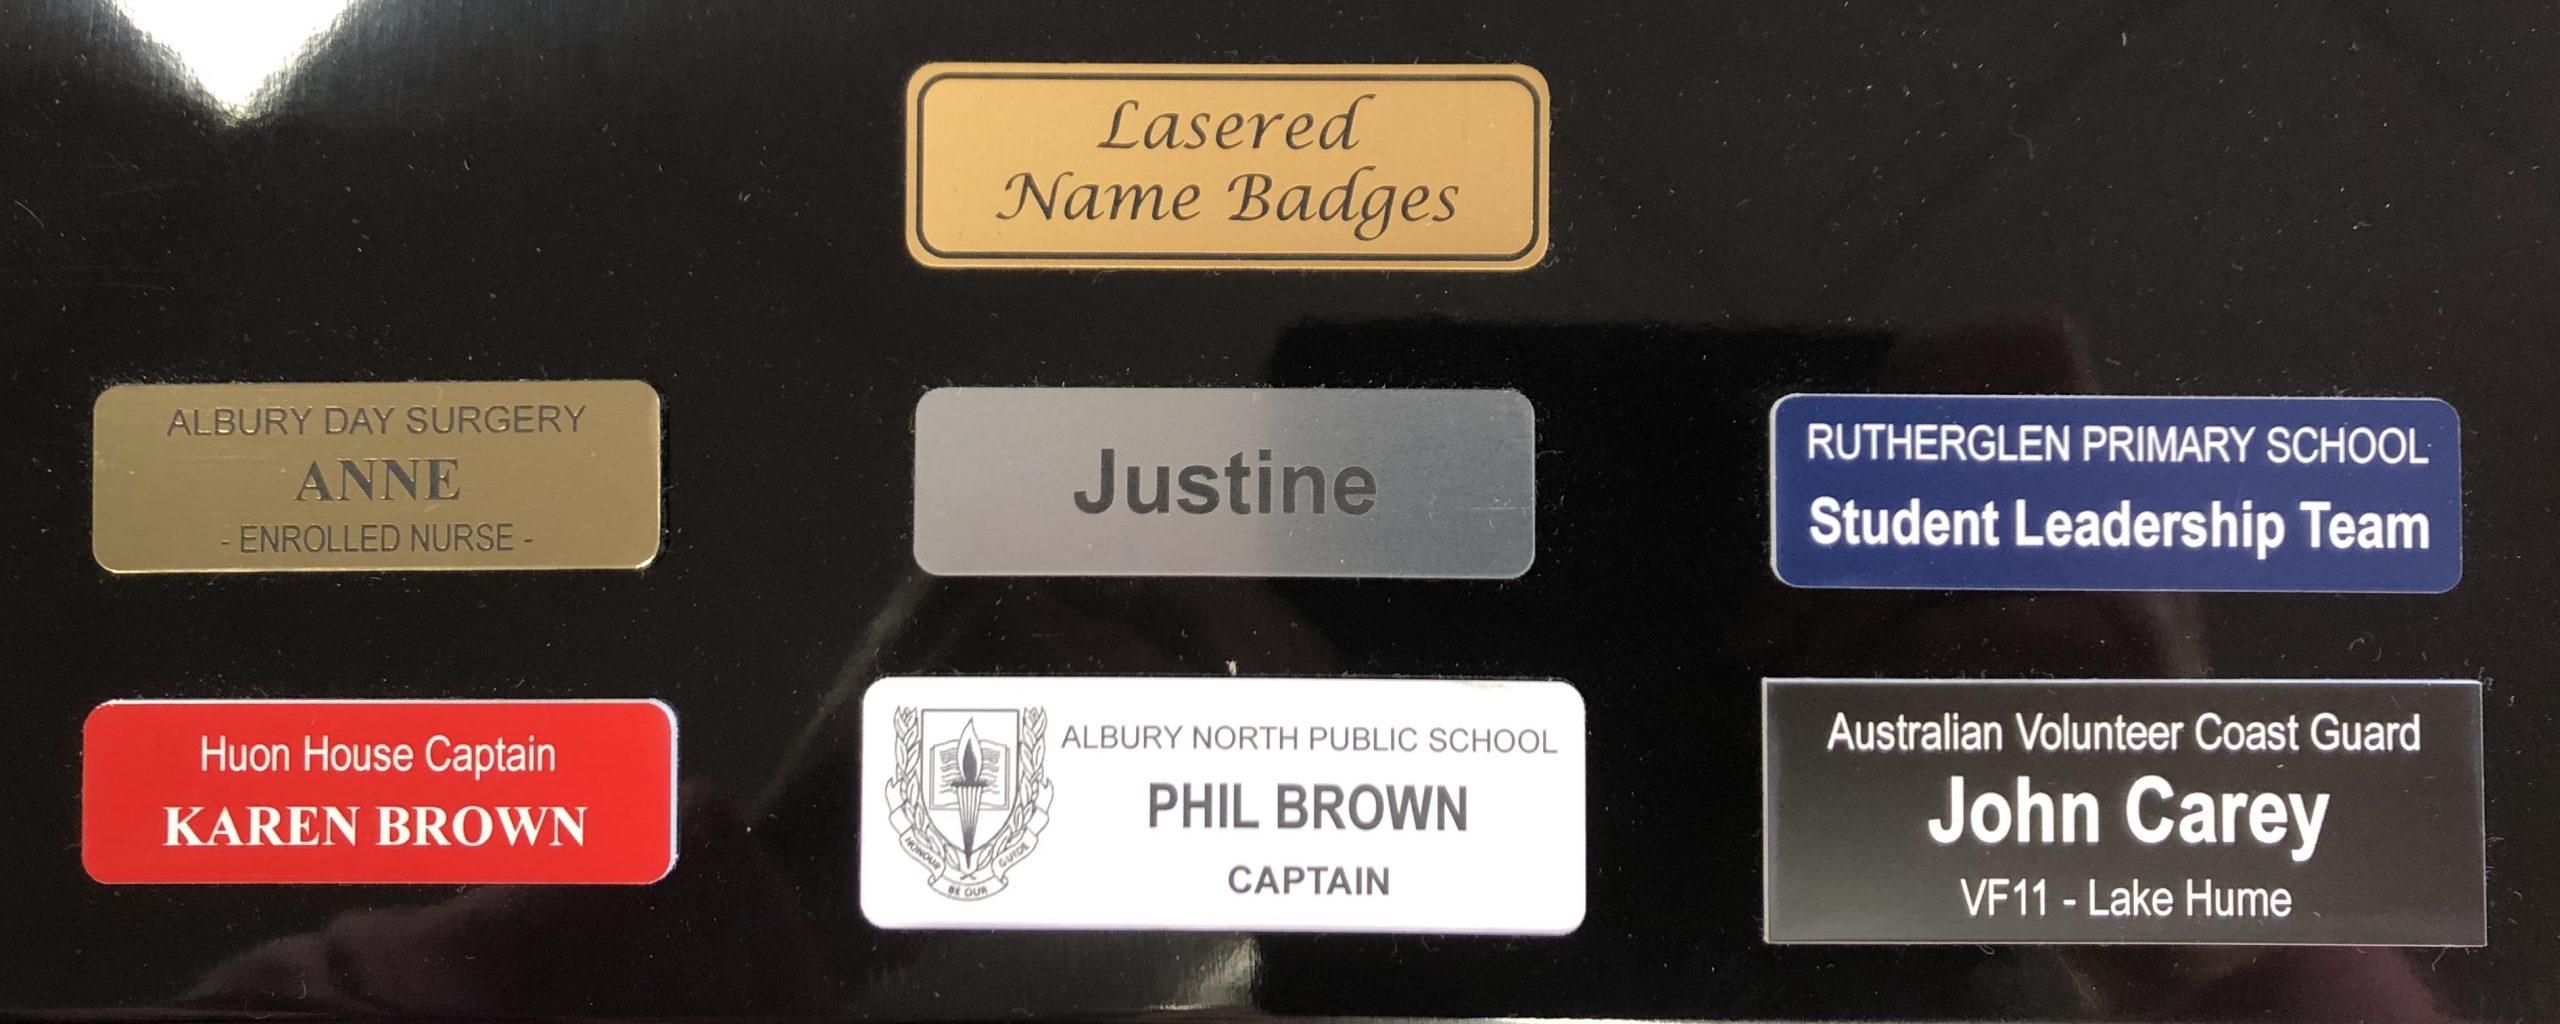 Laser Name Badges